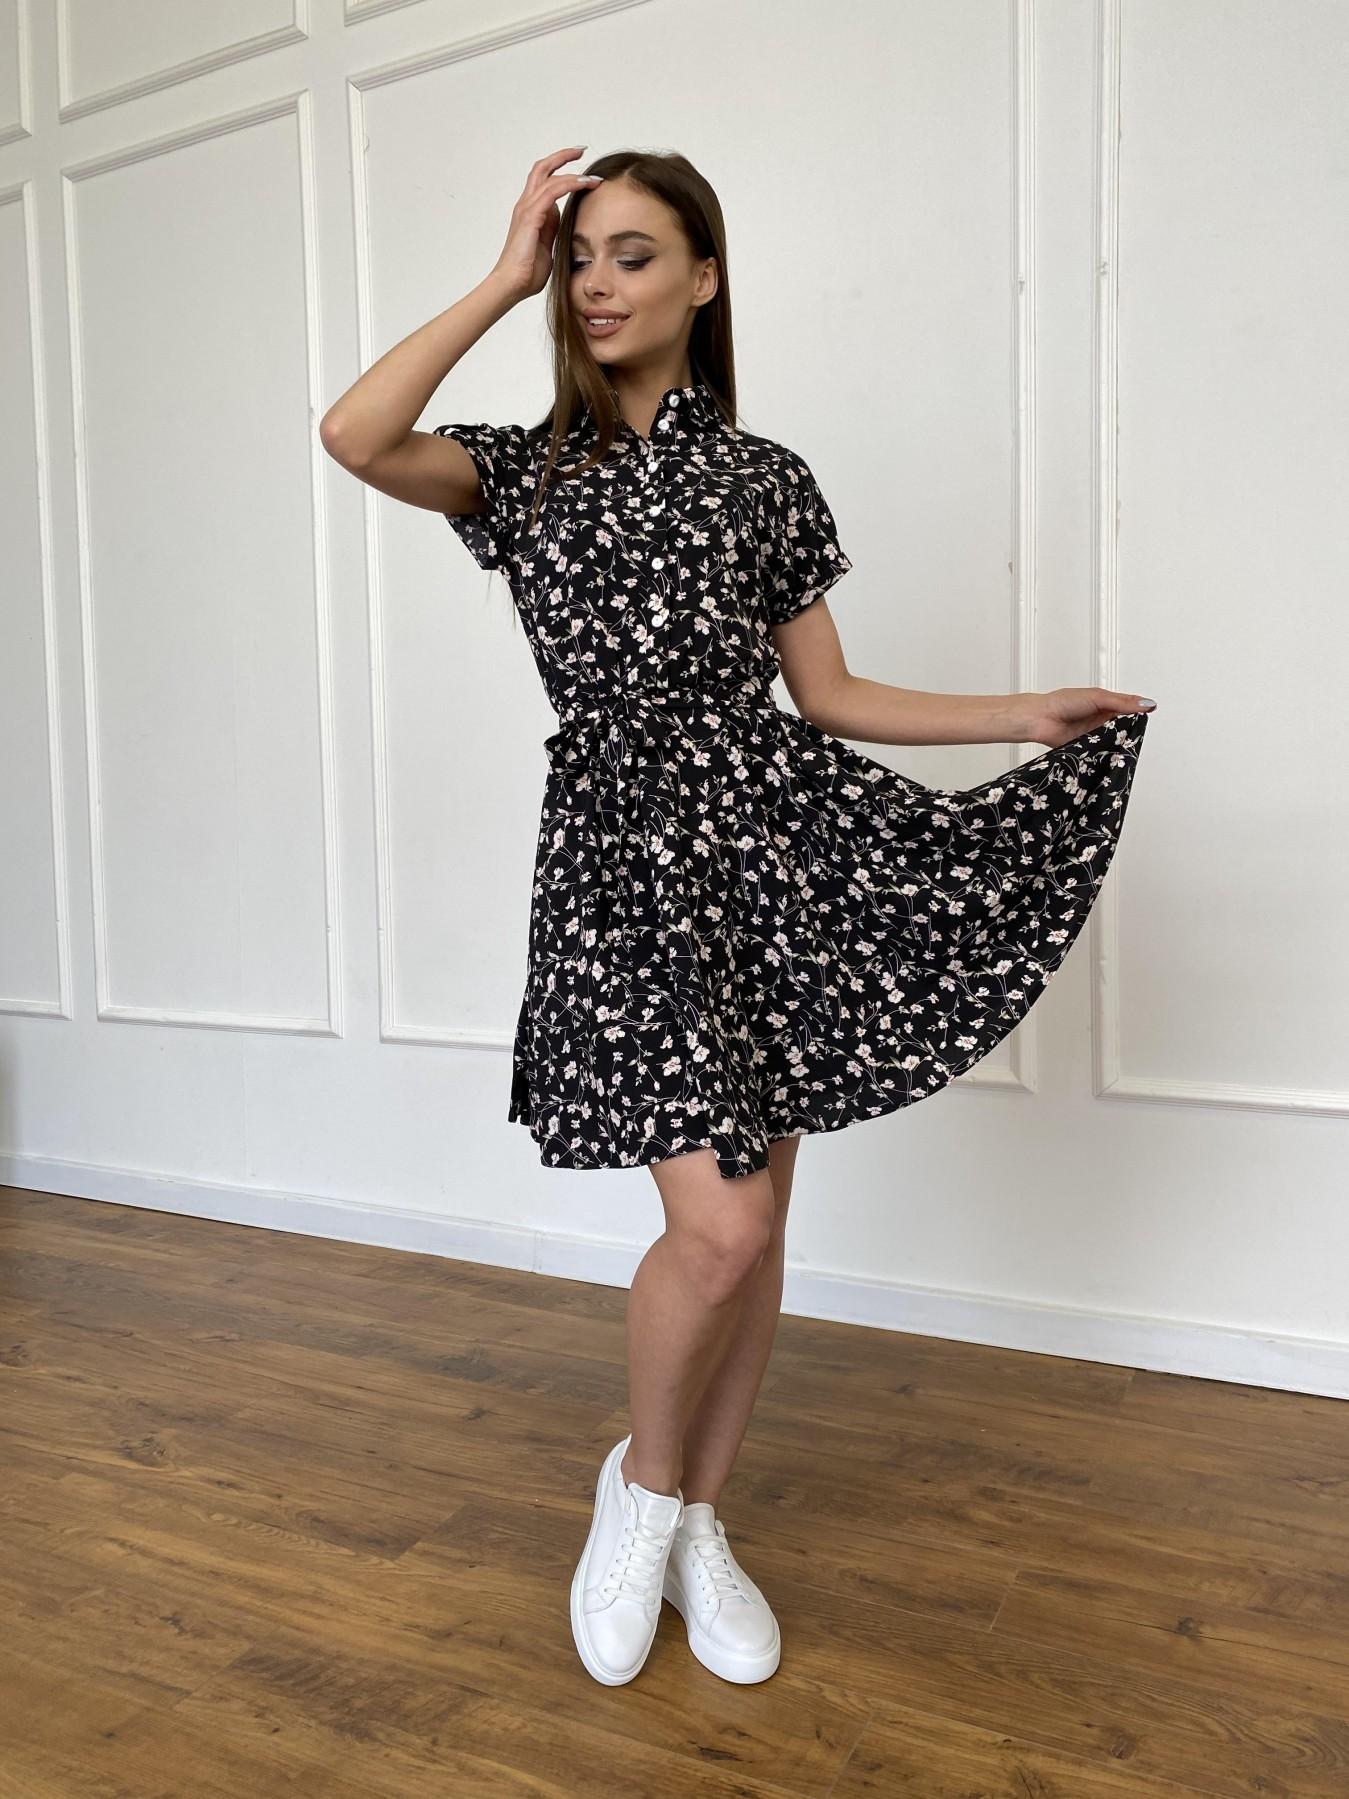 Санжар платье из ткани софт в принт 11215 АРТ. 47728 Цвет: Черный/молоко, Цветы - фото 2, интернет магазин tm-modus.ru